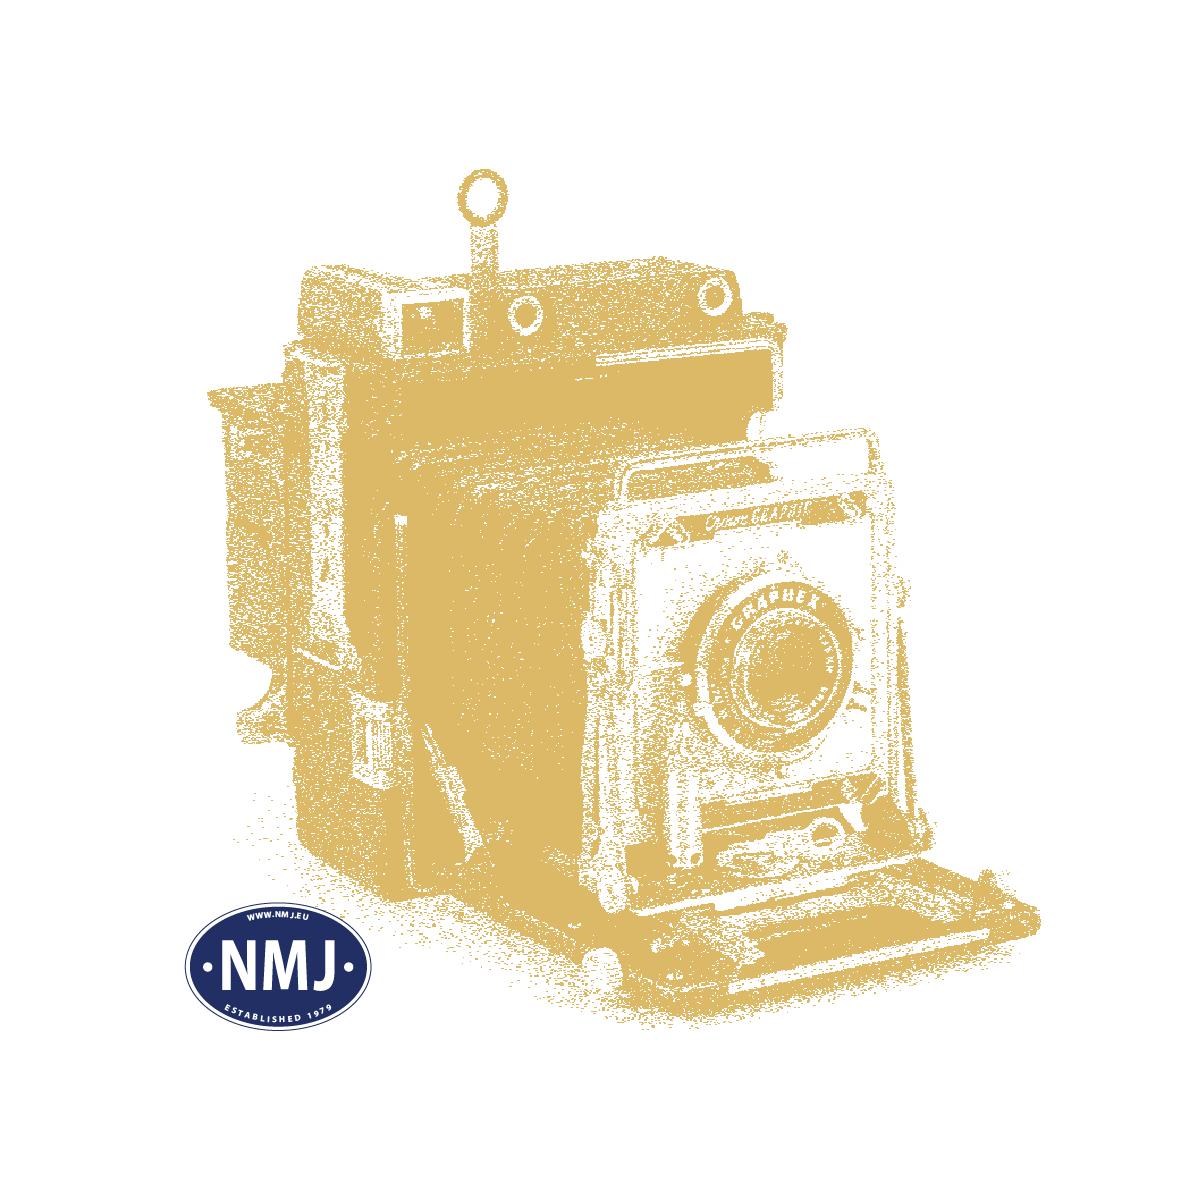 GODKS3-P1000 - Sanding Sponge Set, K1000 (thickness: 3mm)